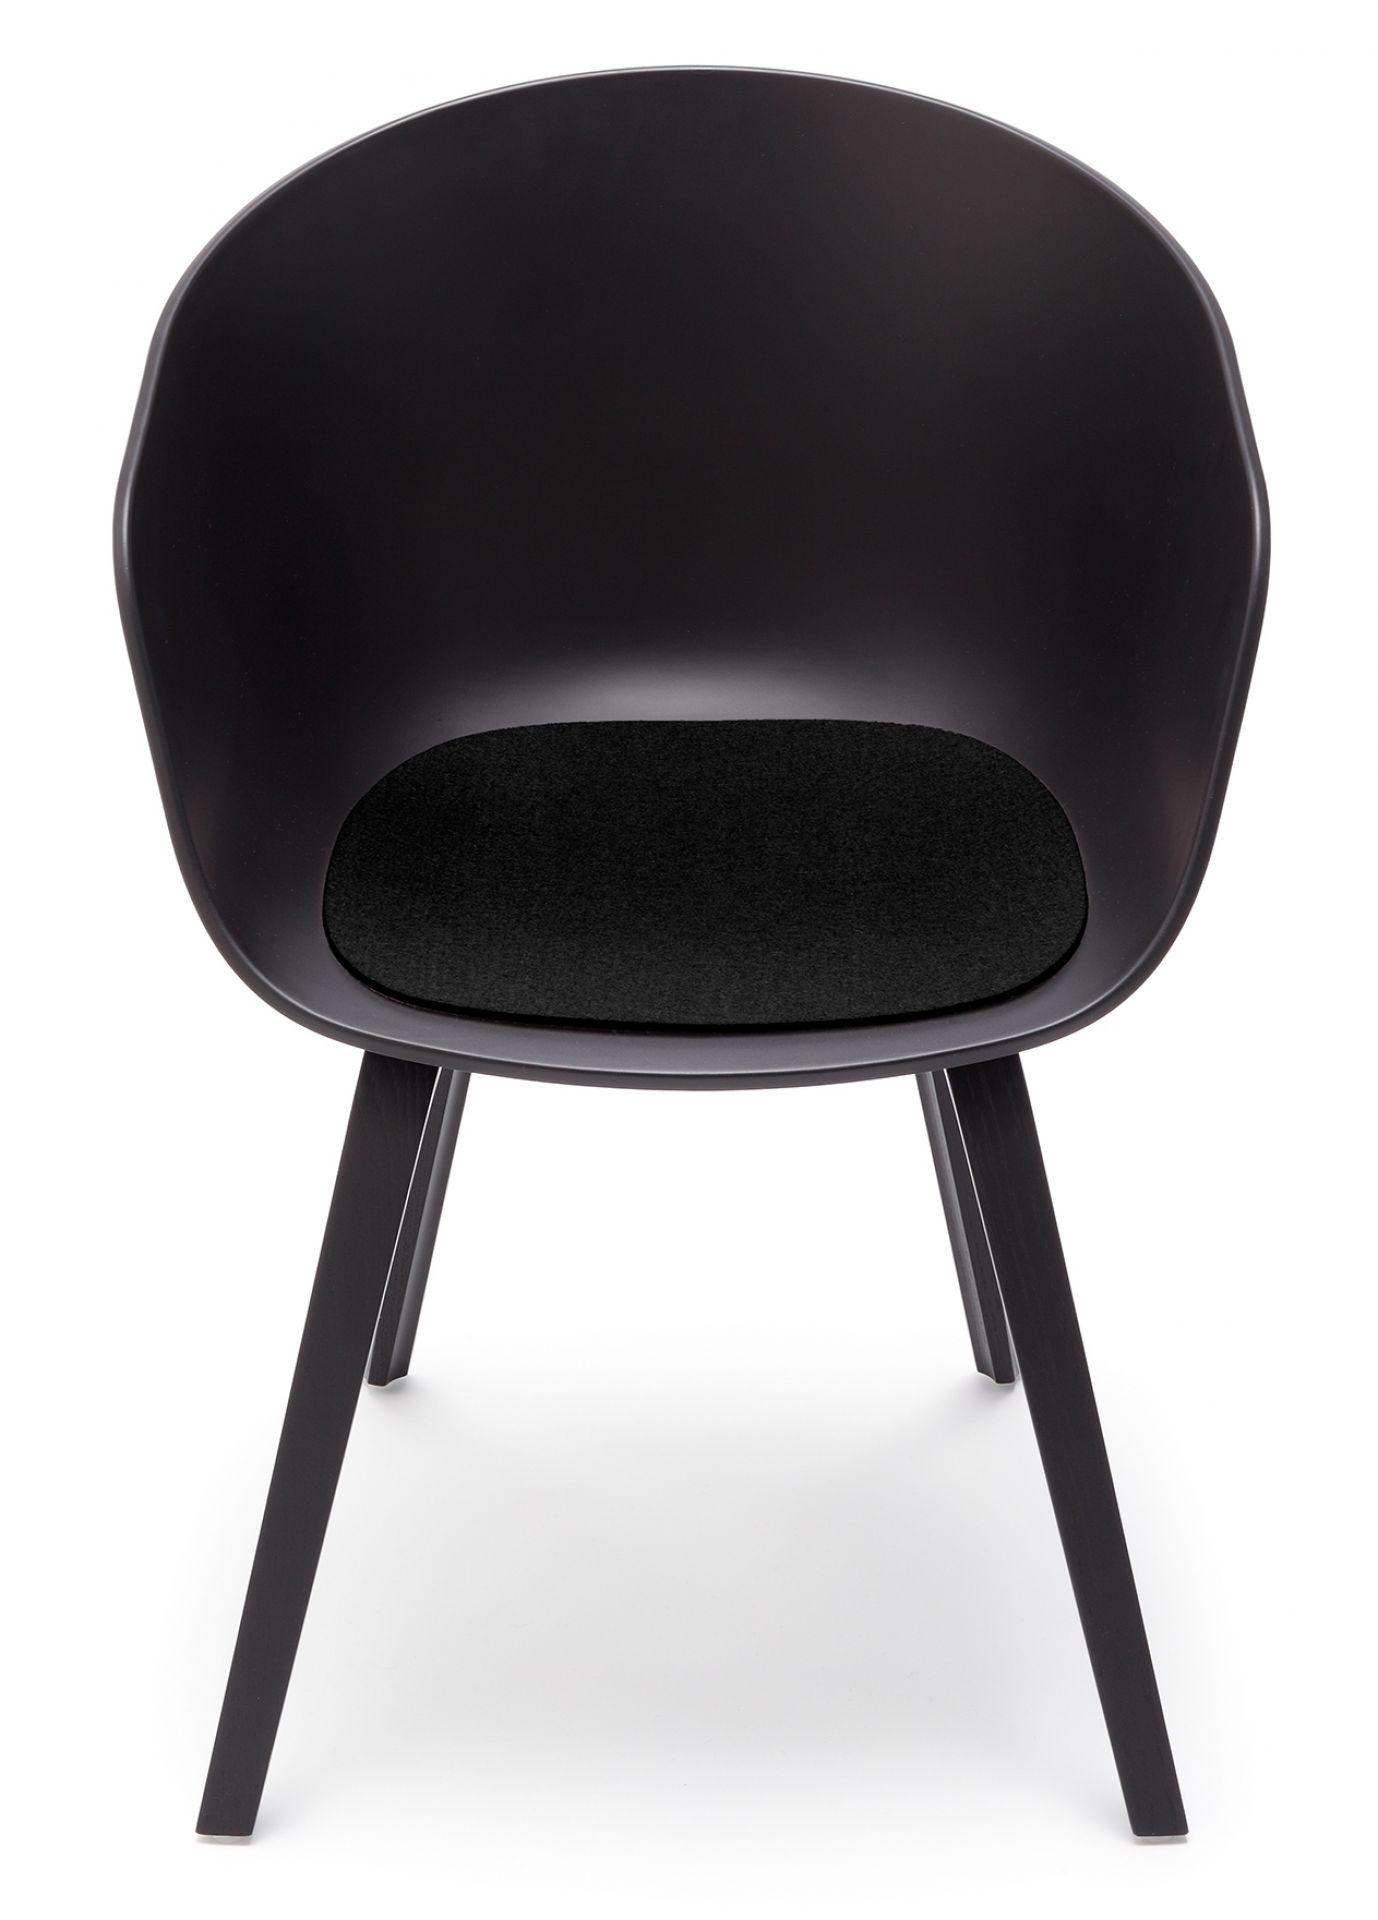 Sitzauflage - Filzauflage About A Chair AAC22 / AAC 22 Schwarz Hey Sign